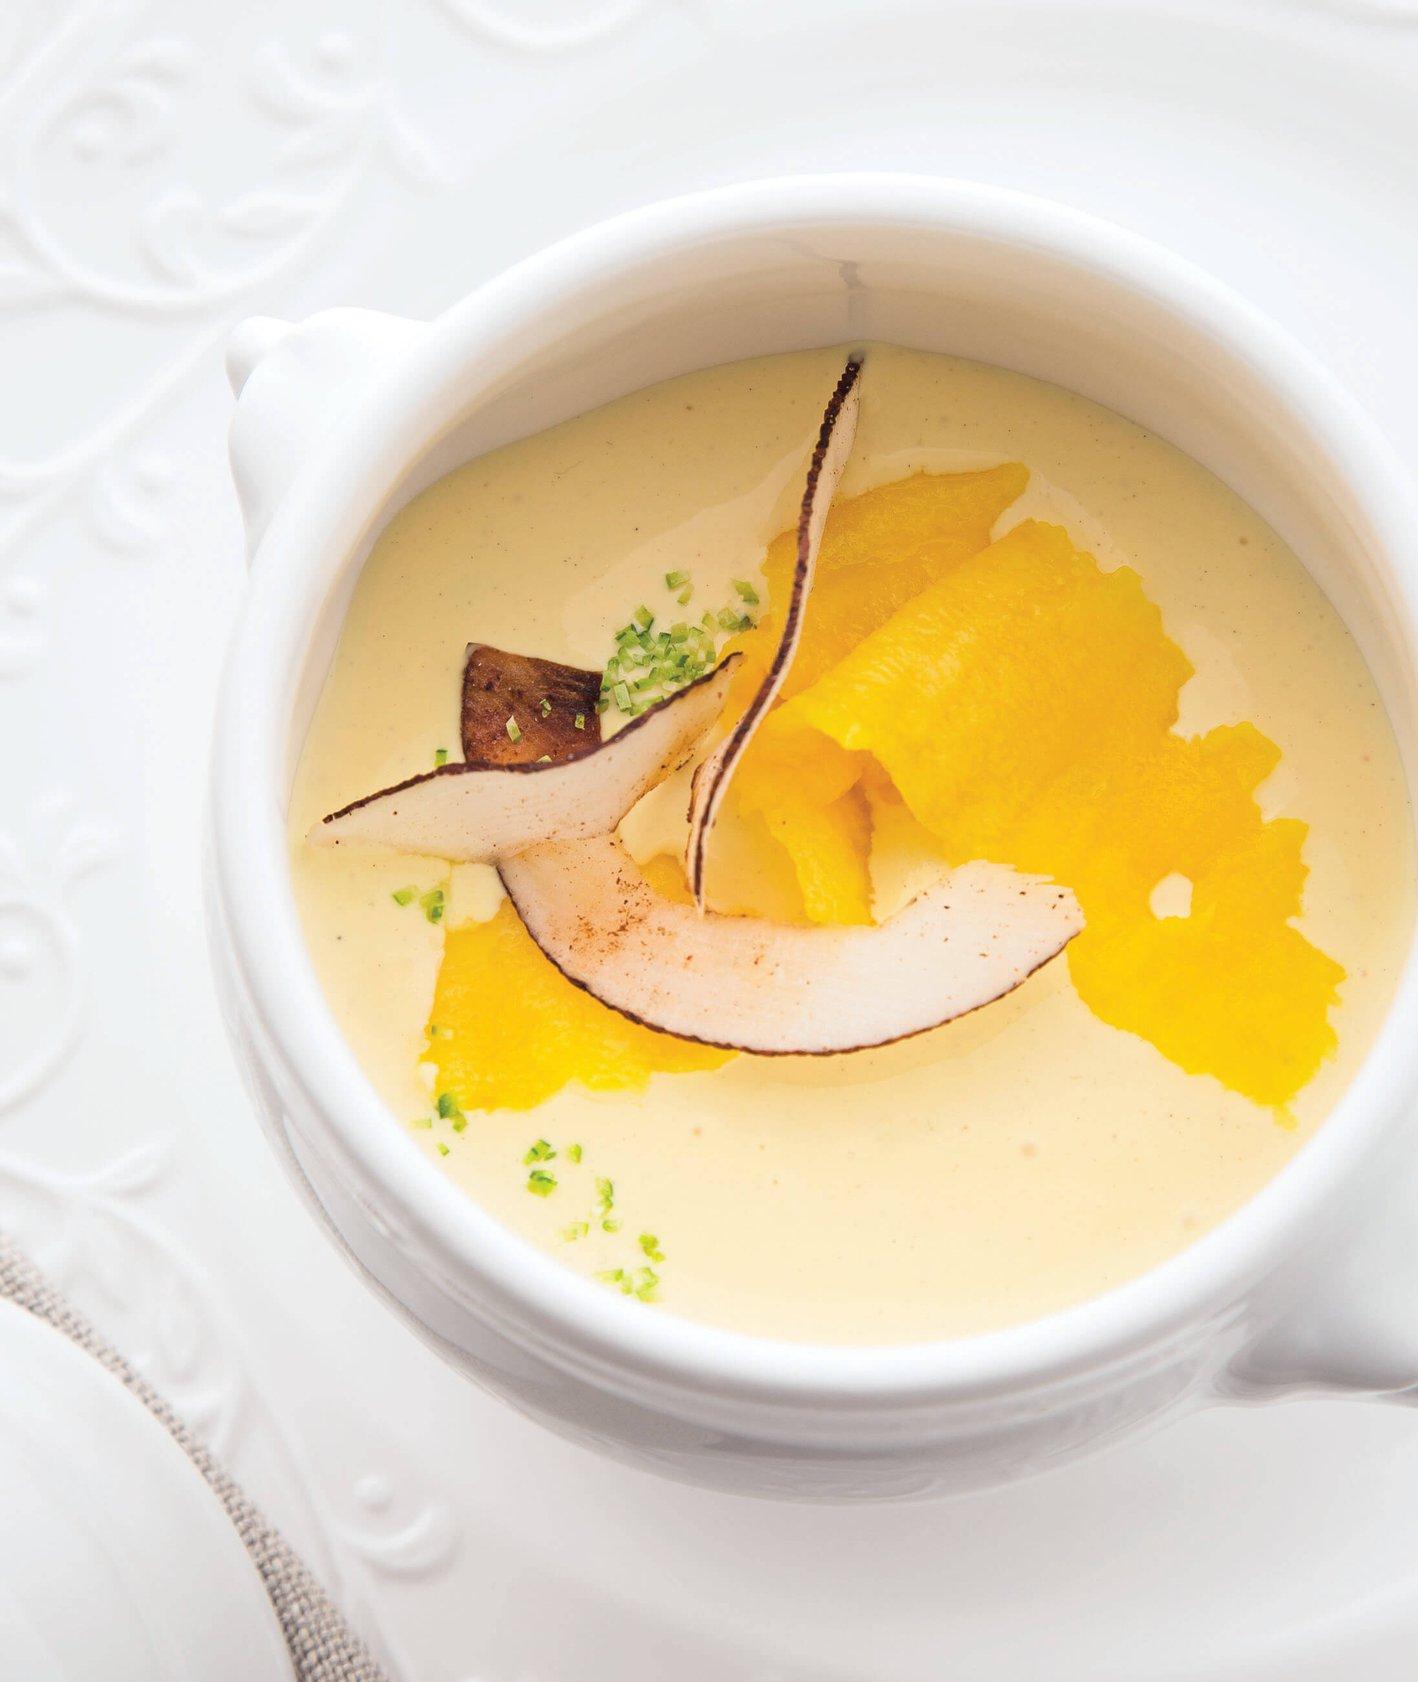 szybka zupa na upalne dni - chłodnik z mango i kokosem